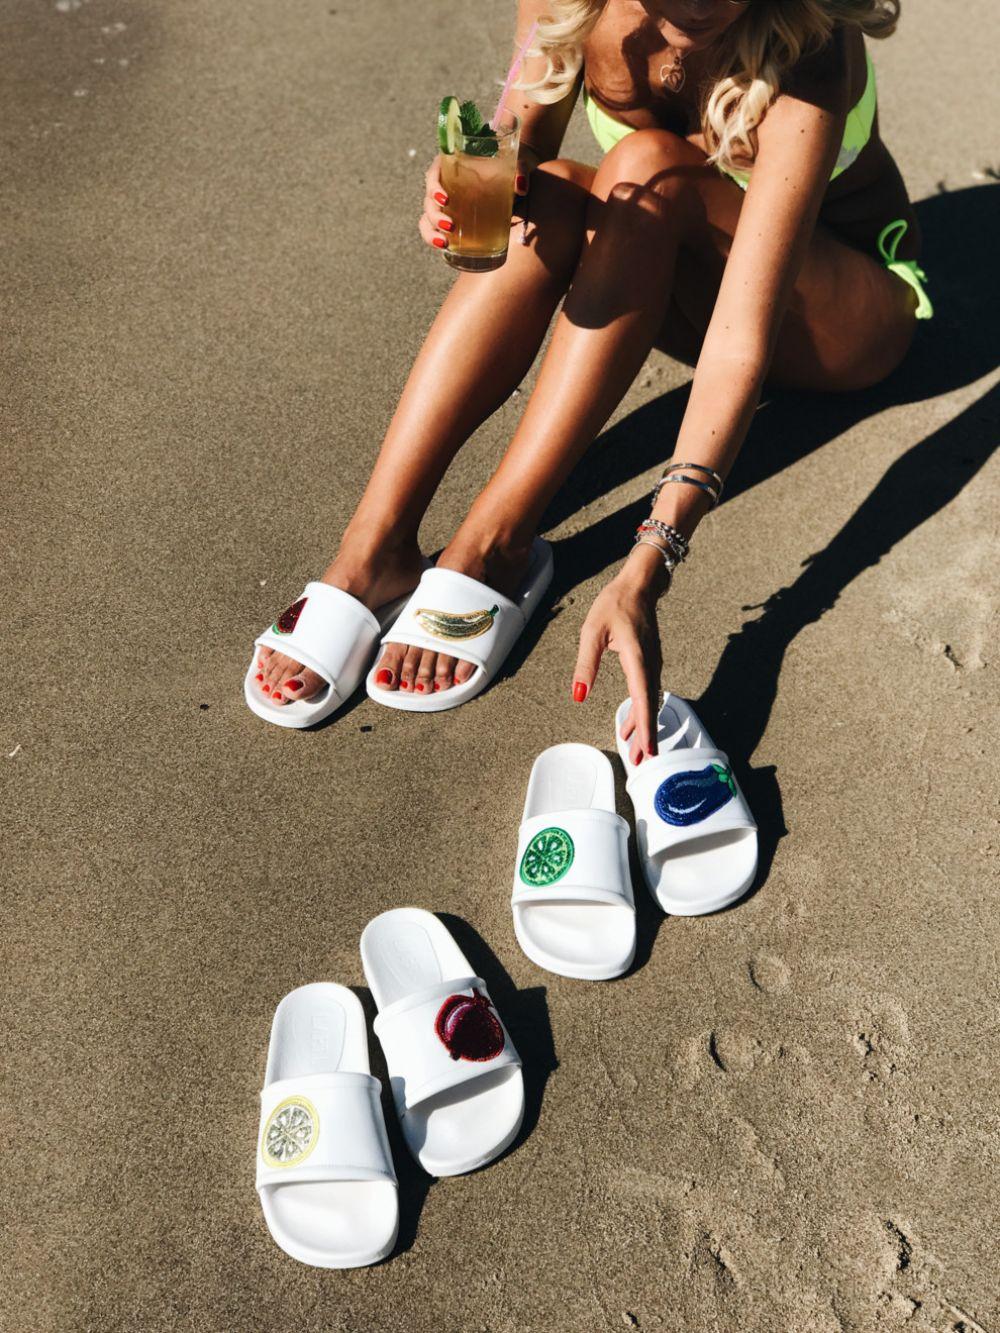 Босоножки, сандалии, балетки - вся эта летняя обувь хороша, но для пляжа, будем откровенны, лучше всего подойдут шлепки. Не обязательно выбирать белые, можно и разноцветные, но главное - с крупным принтом в виде цветка или фрукта. Такие шлепки идеально подойдут к сарафану.